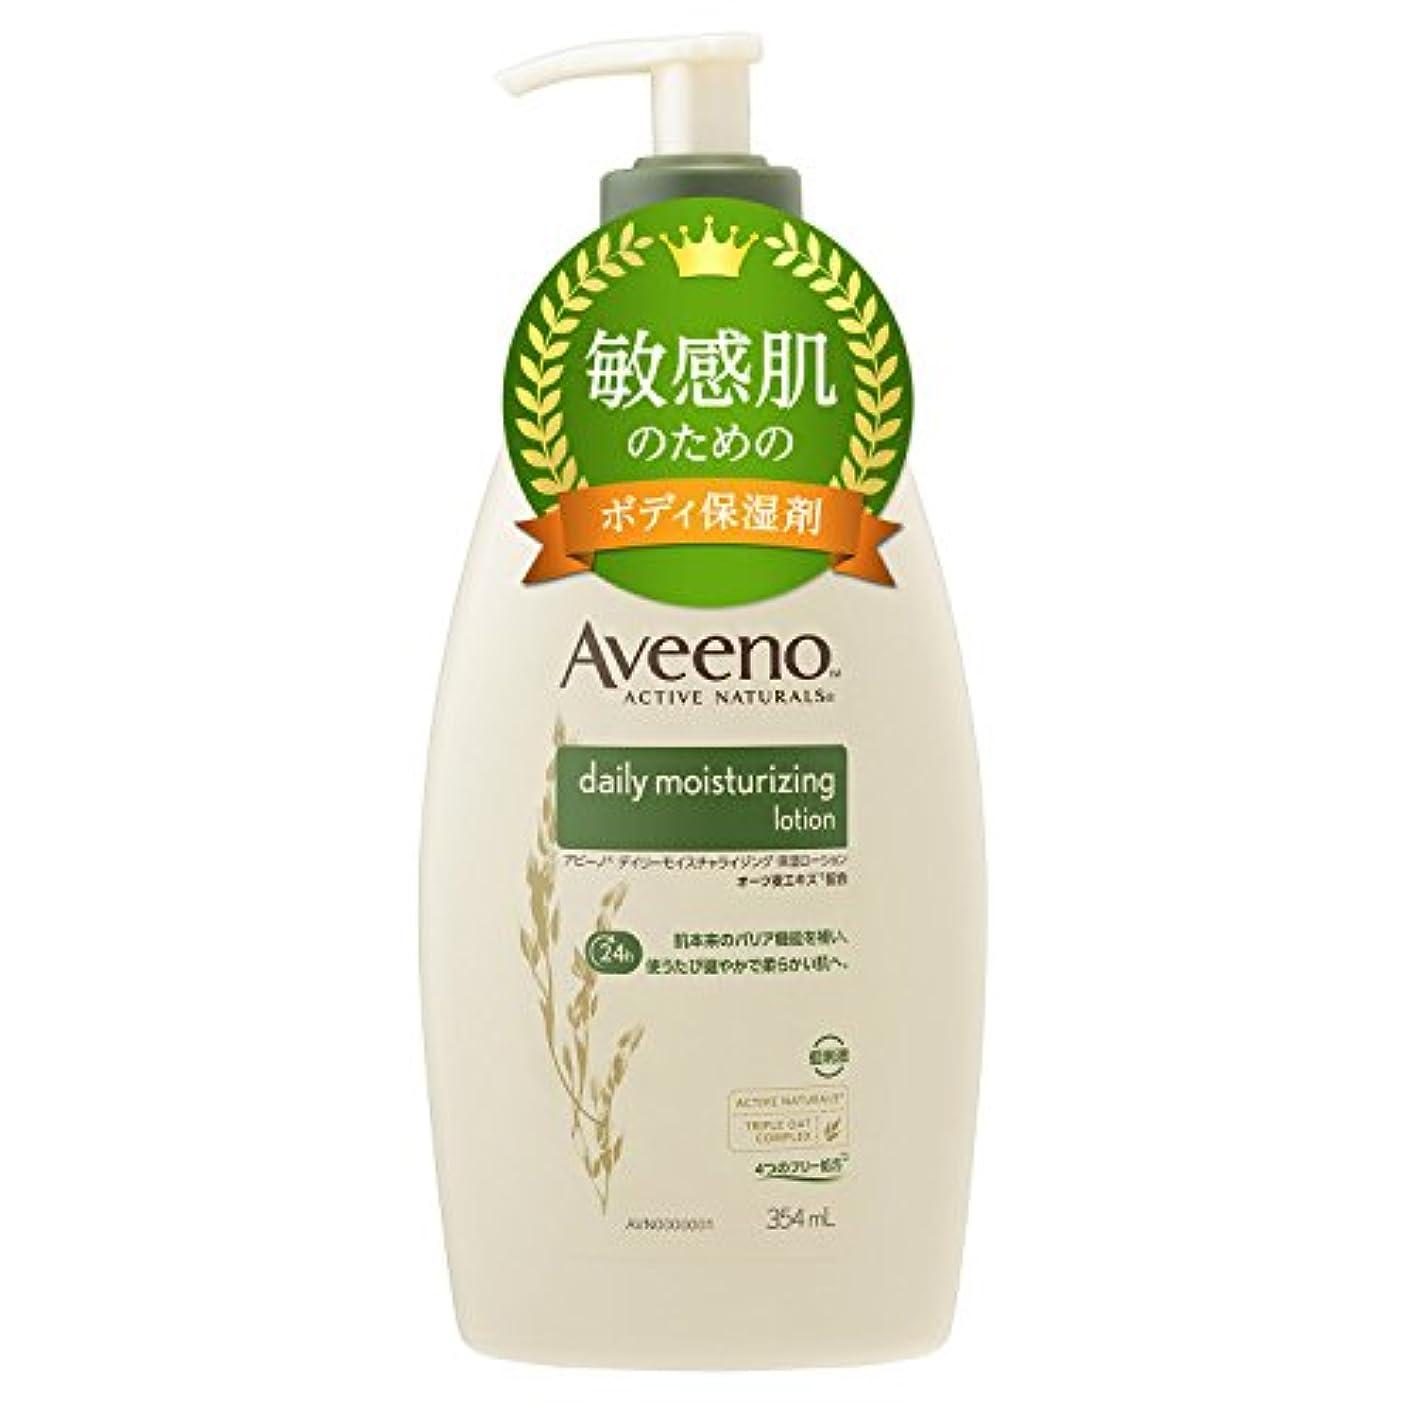 費やすディスコ流行【Amazon.co.jp限定】Aveeno(アビーノ) デイリーモイスチャライジング 保湿ローション 354ml 【敏感肌の方向け】